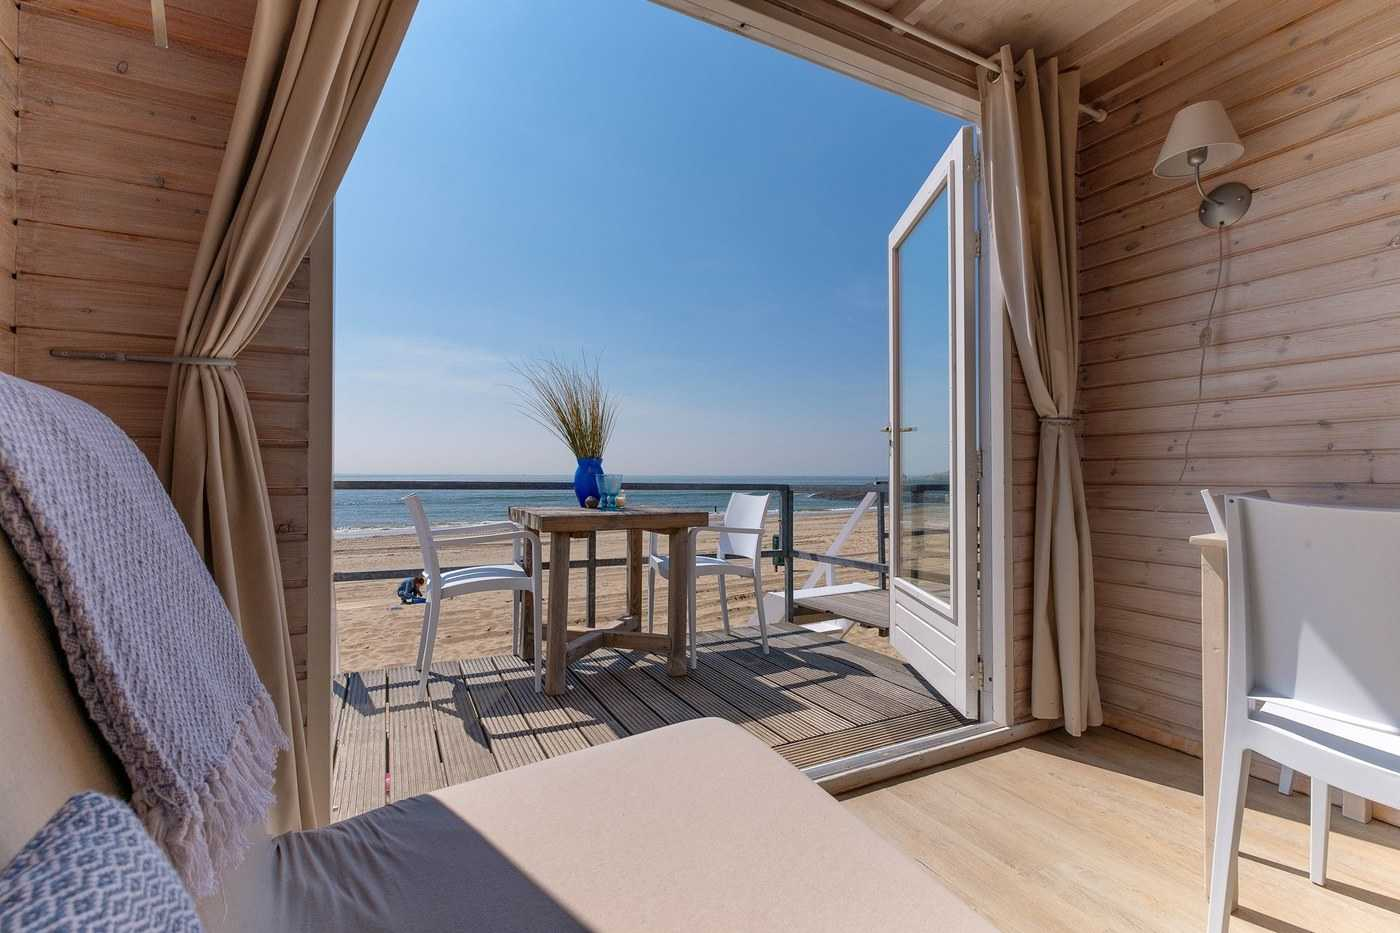 strandhaus vlissingen mieten buchen sie hier auf dieser site mit rabatt. Black Bedroom Furniture Sets. Home Design Ideas